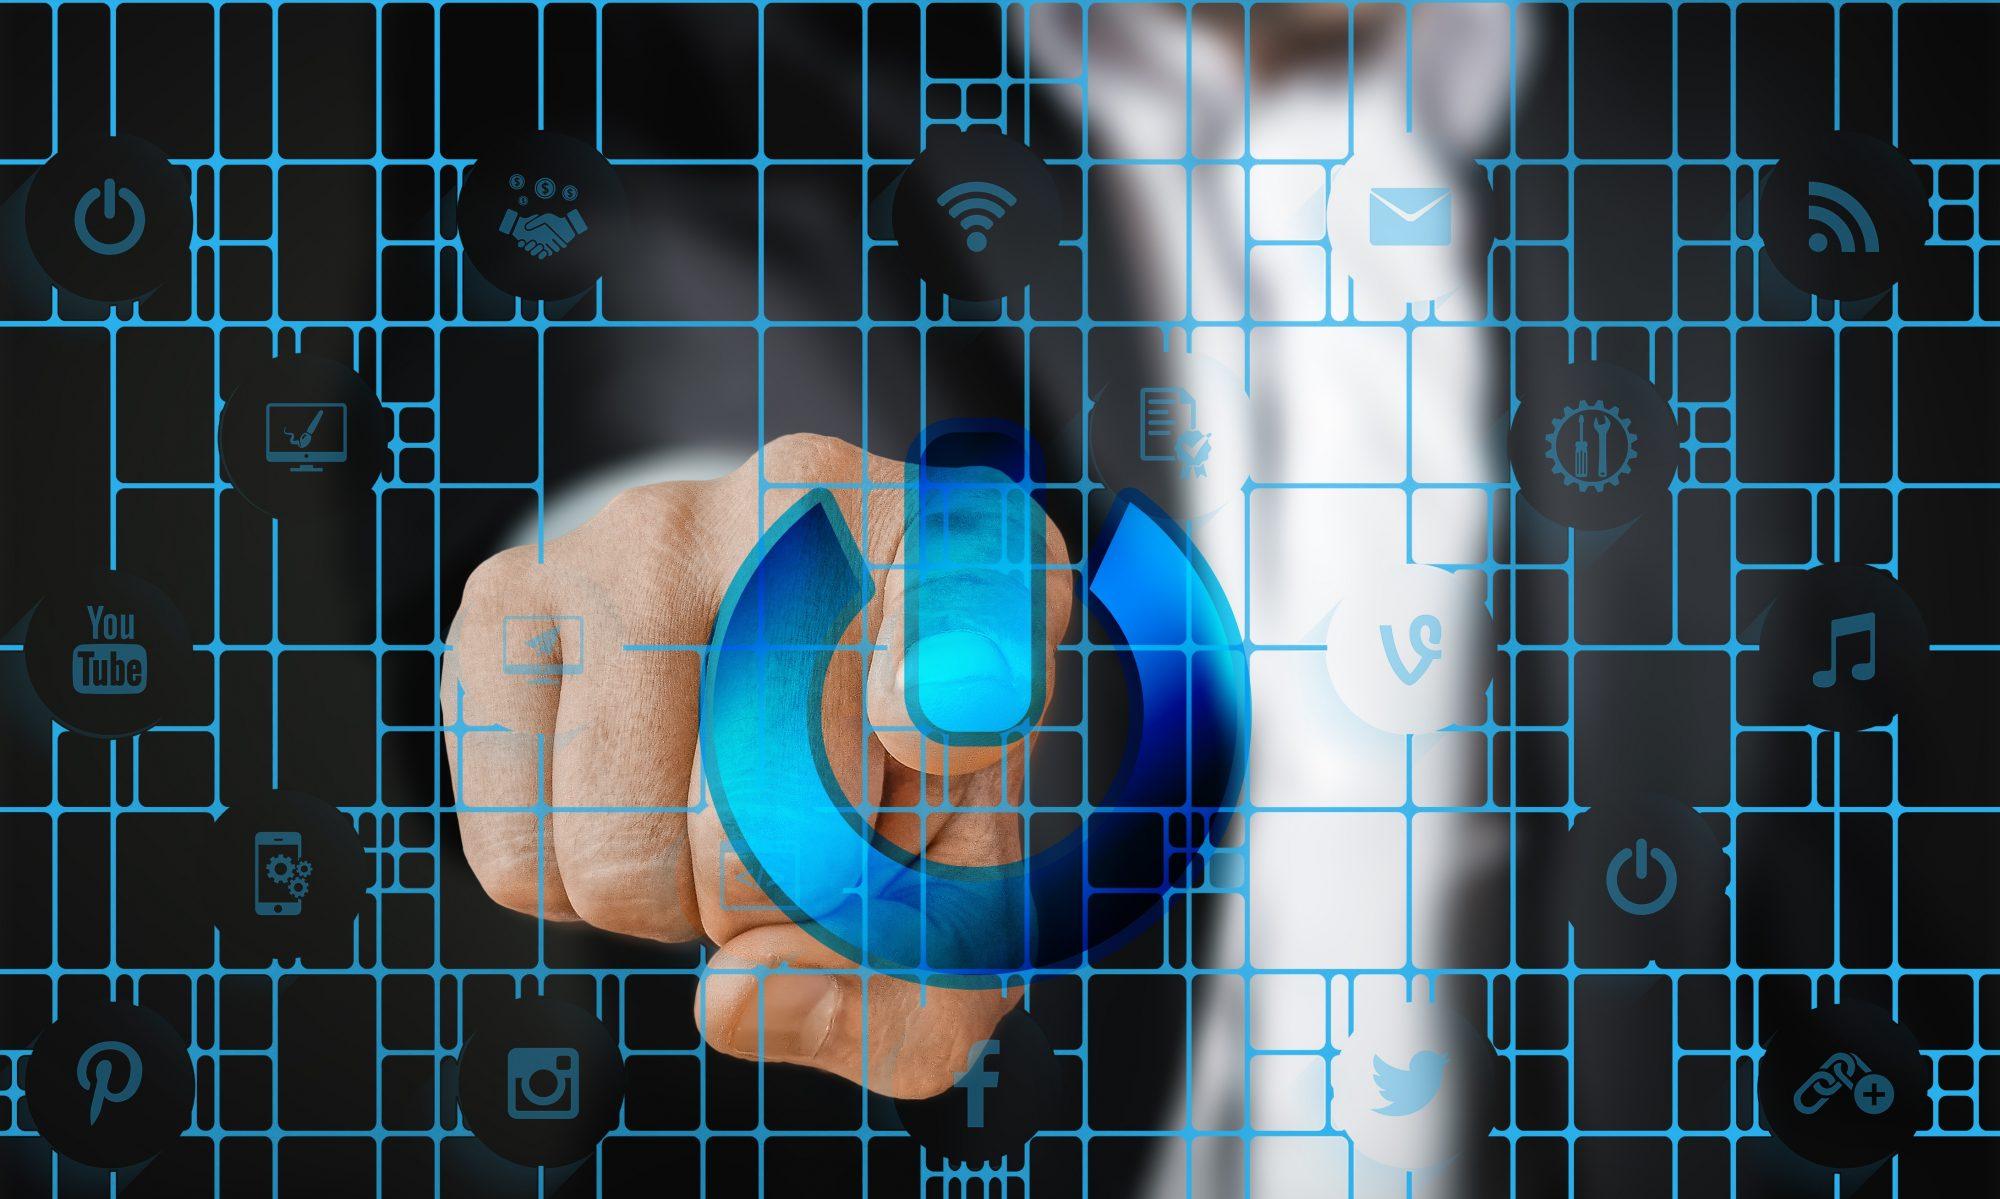 DEVCO - Din partner på internett